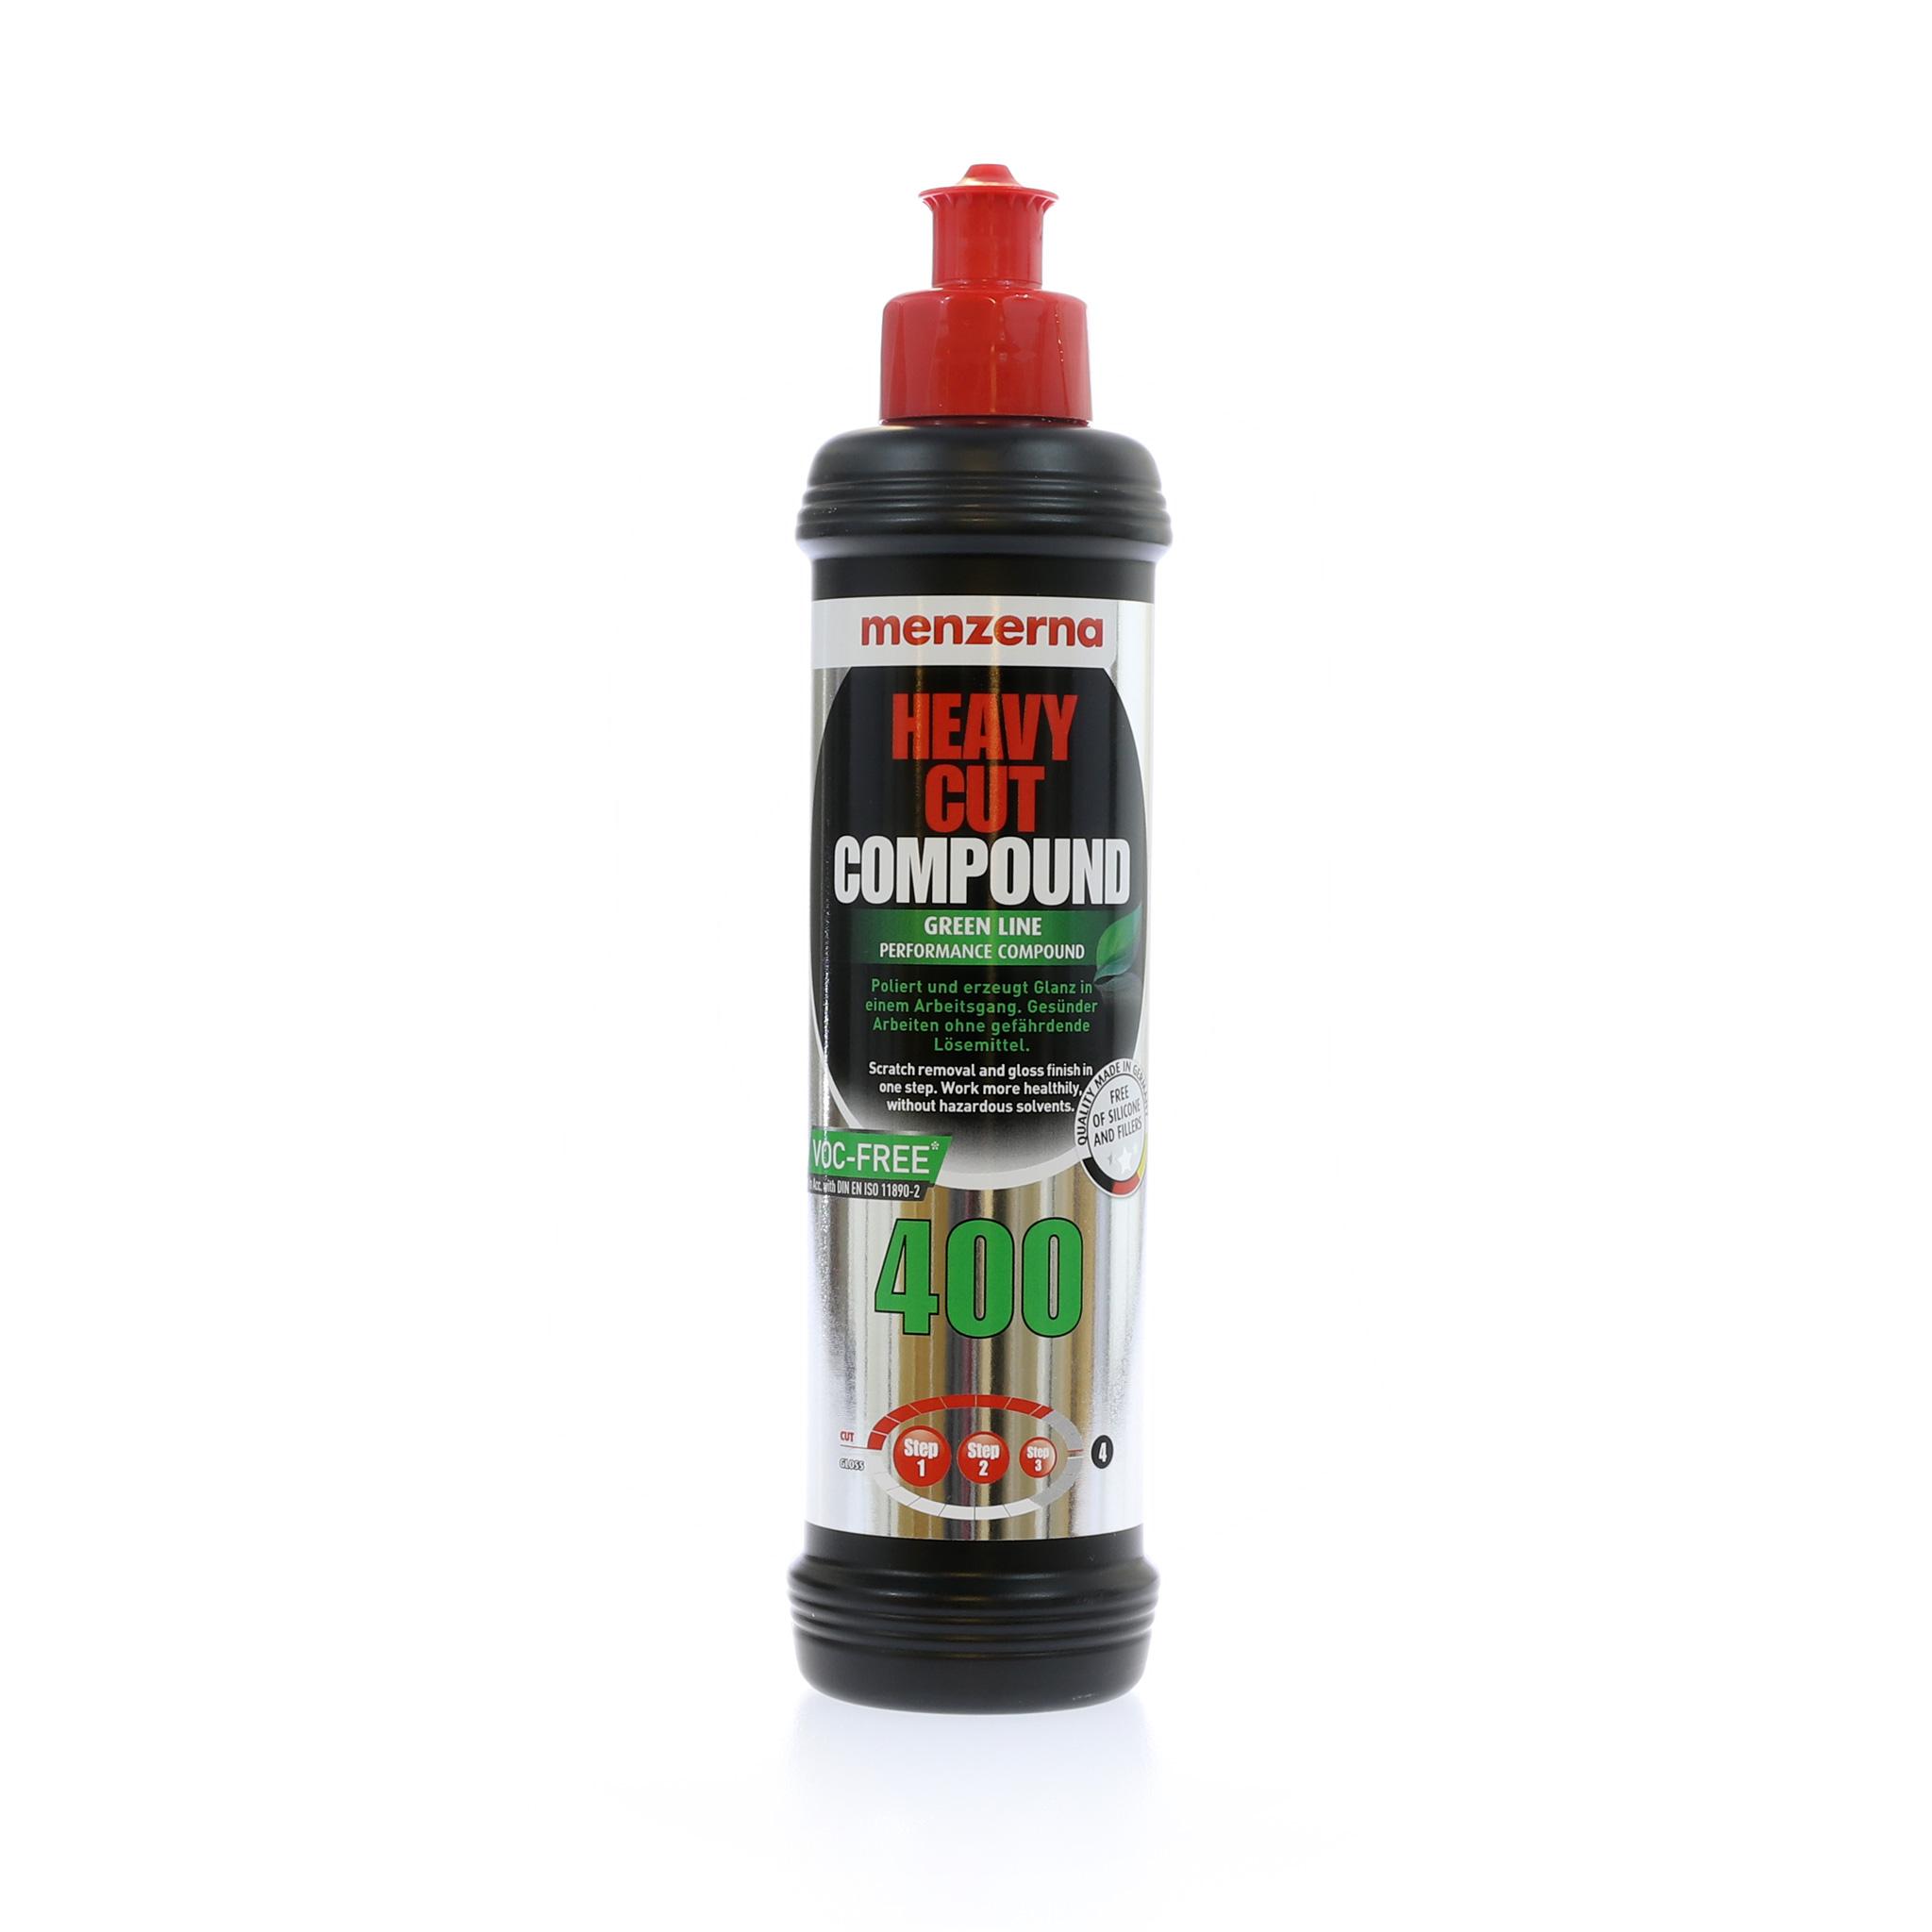 Polermedel Menzerna Heavy Cut 400 Green Line, Grovrubbing, 1000 ml